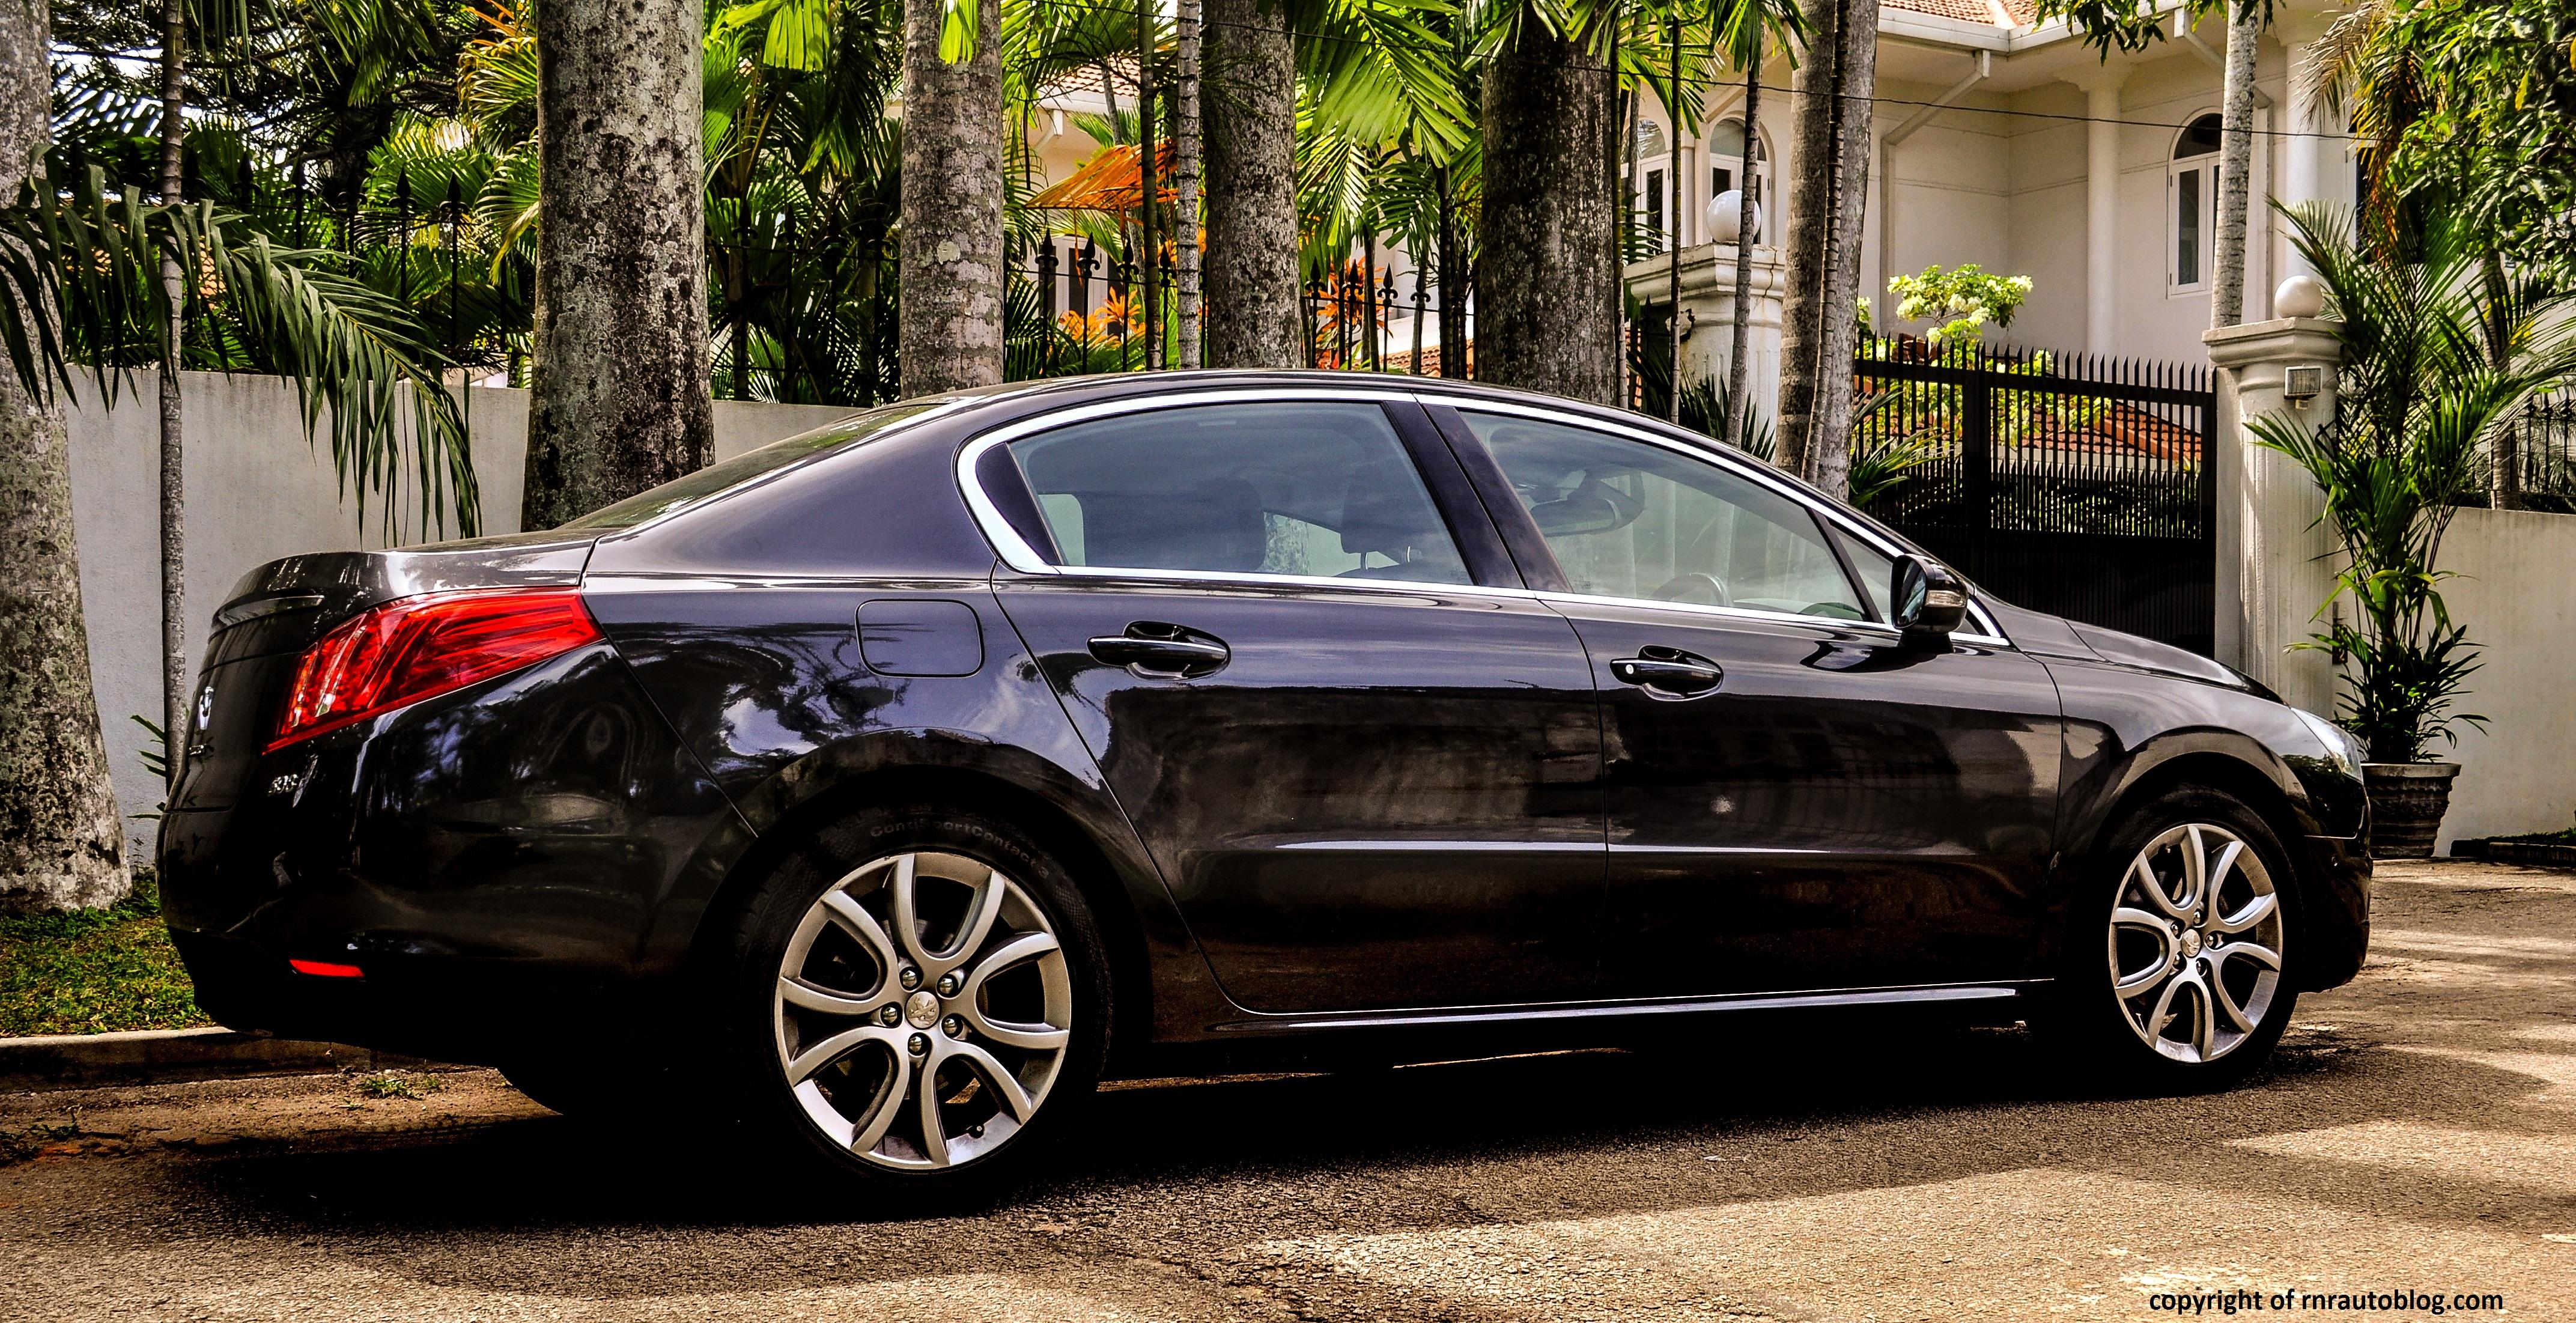 2013 Peugeot 508 Premium Review | RNR Automotive Blog